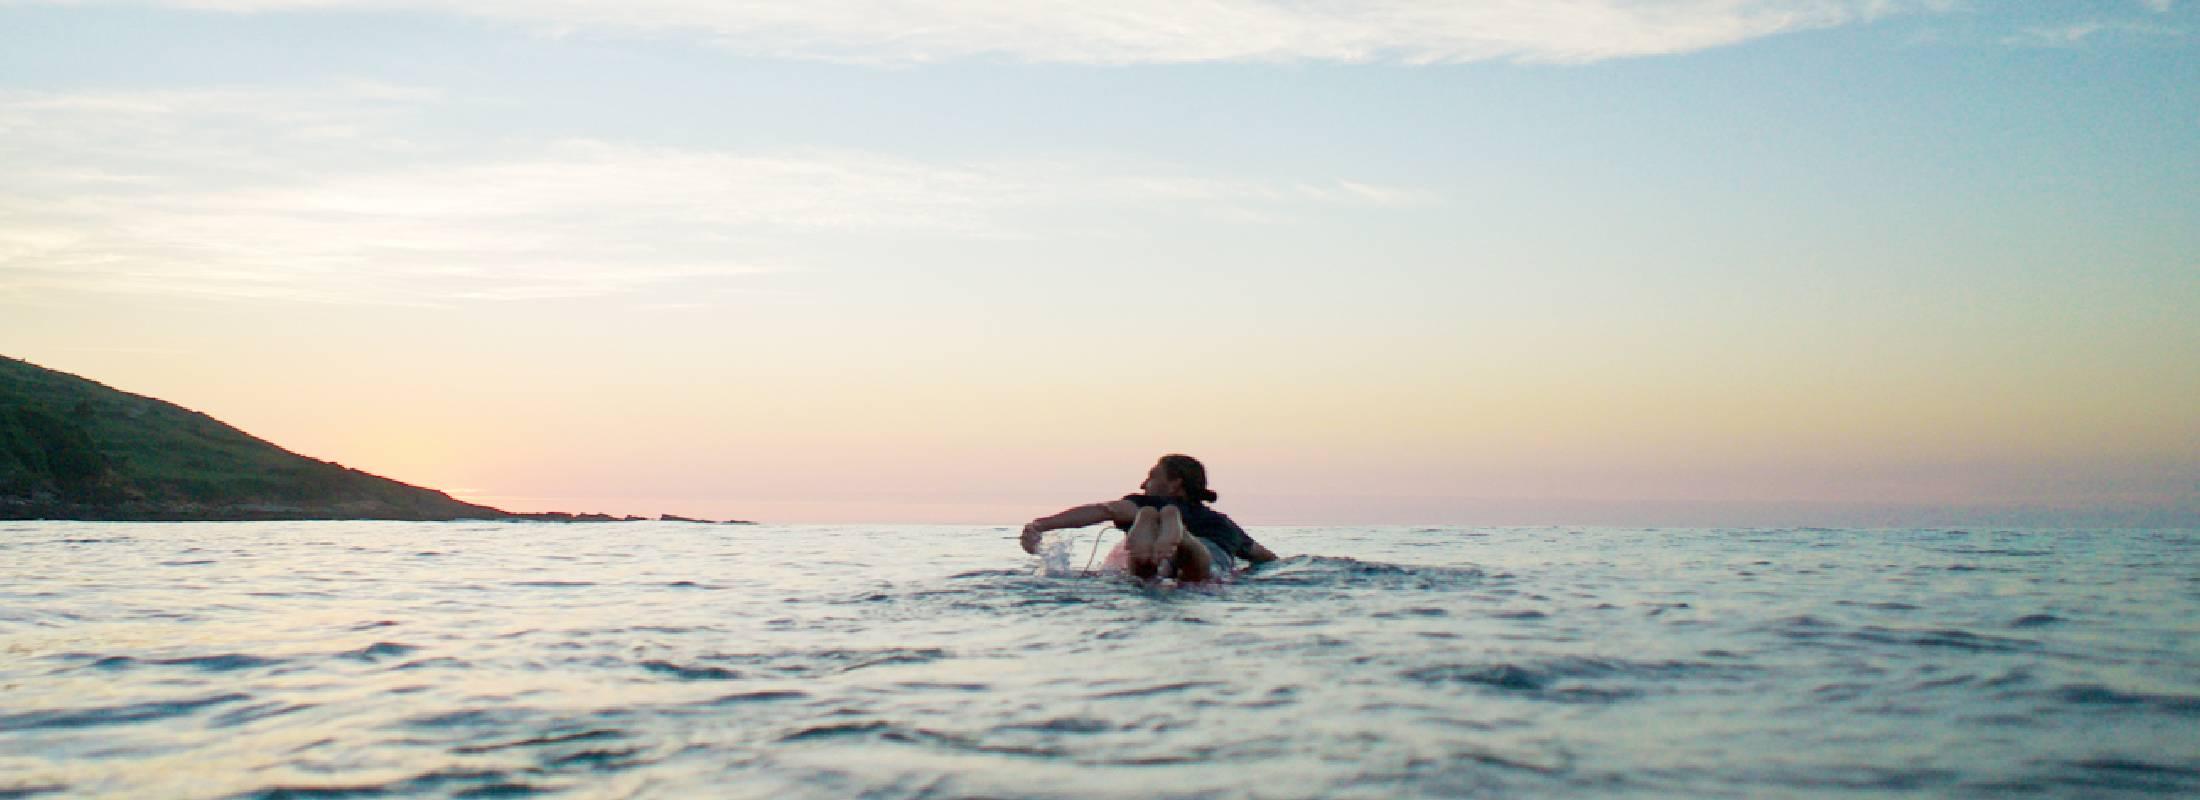 surfeando en cantabria en el glamping camp